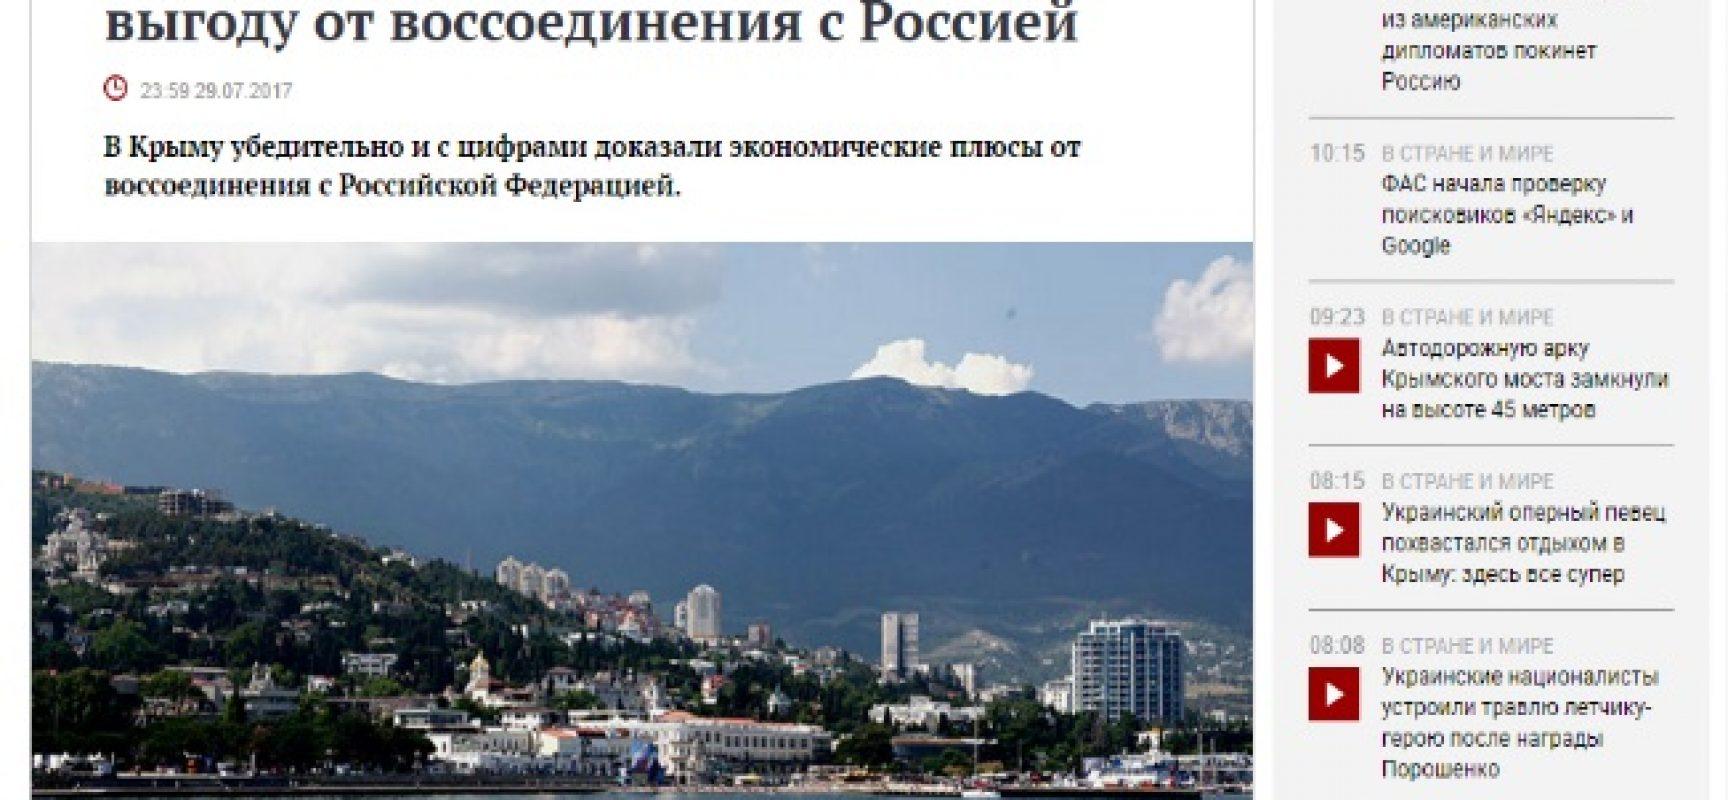 Fake: La Crimea dimostra i benefici economici della riunificazione con la Russia